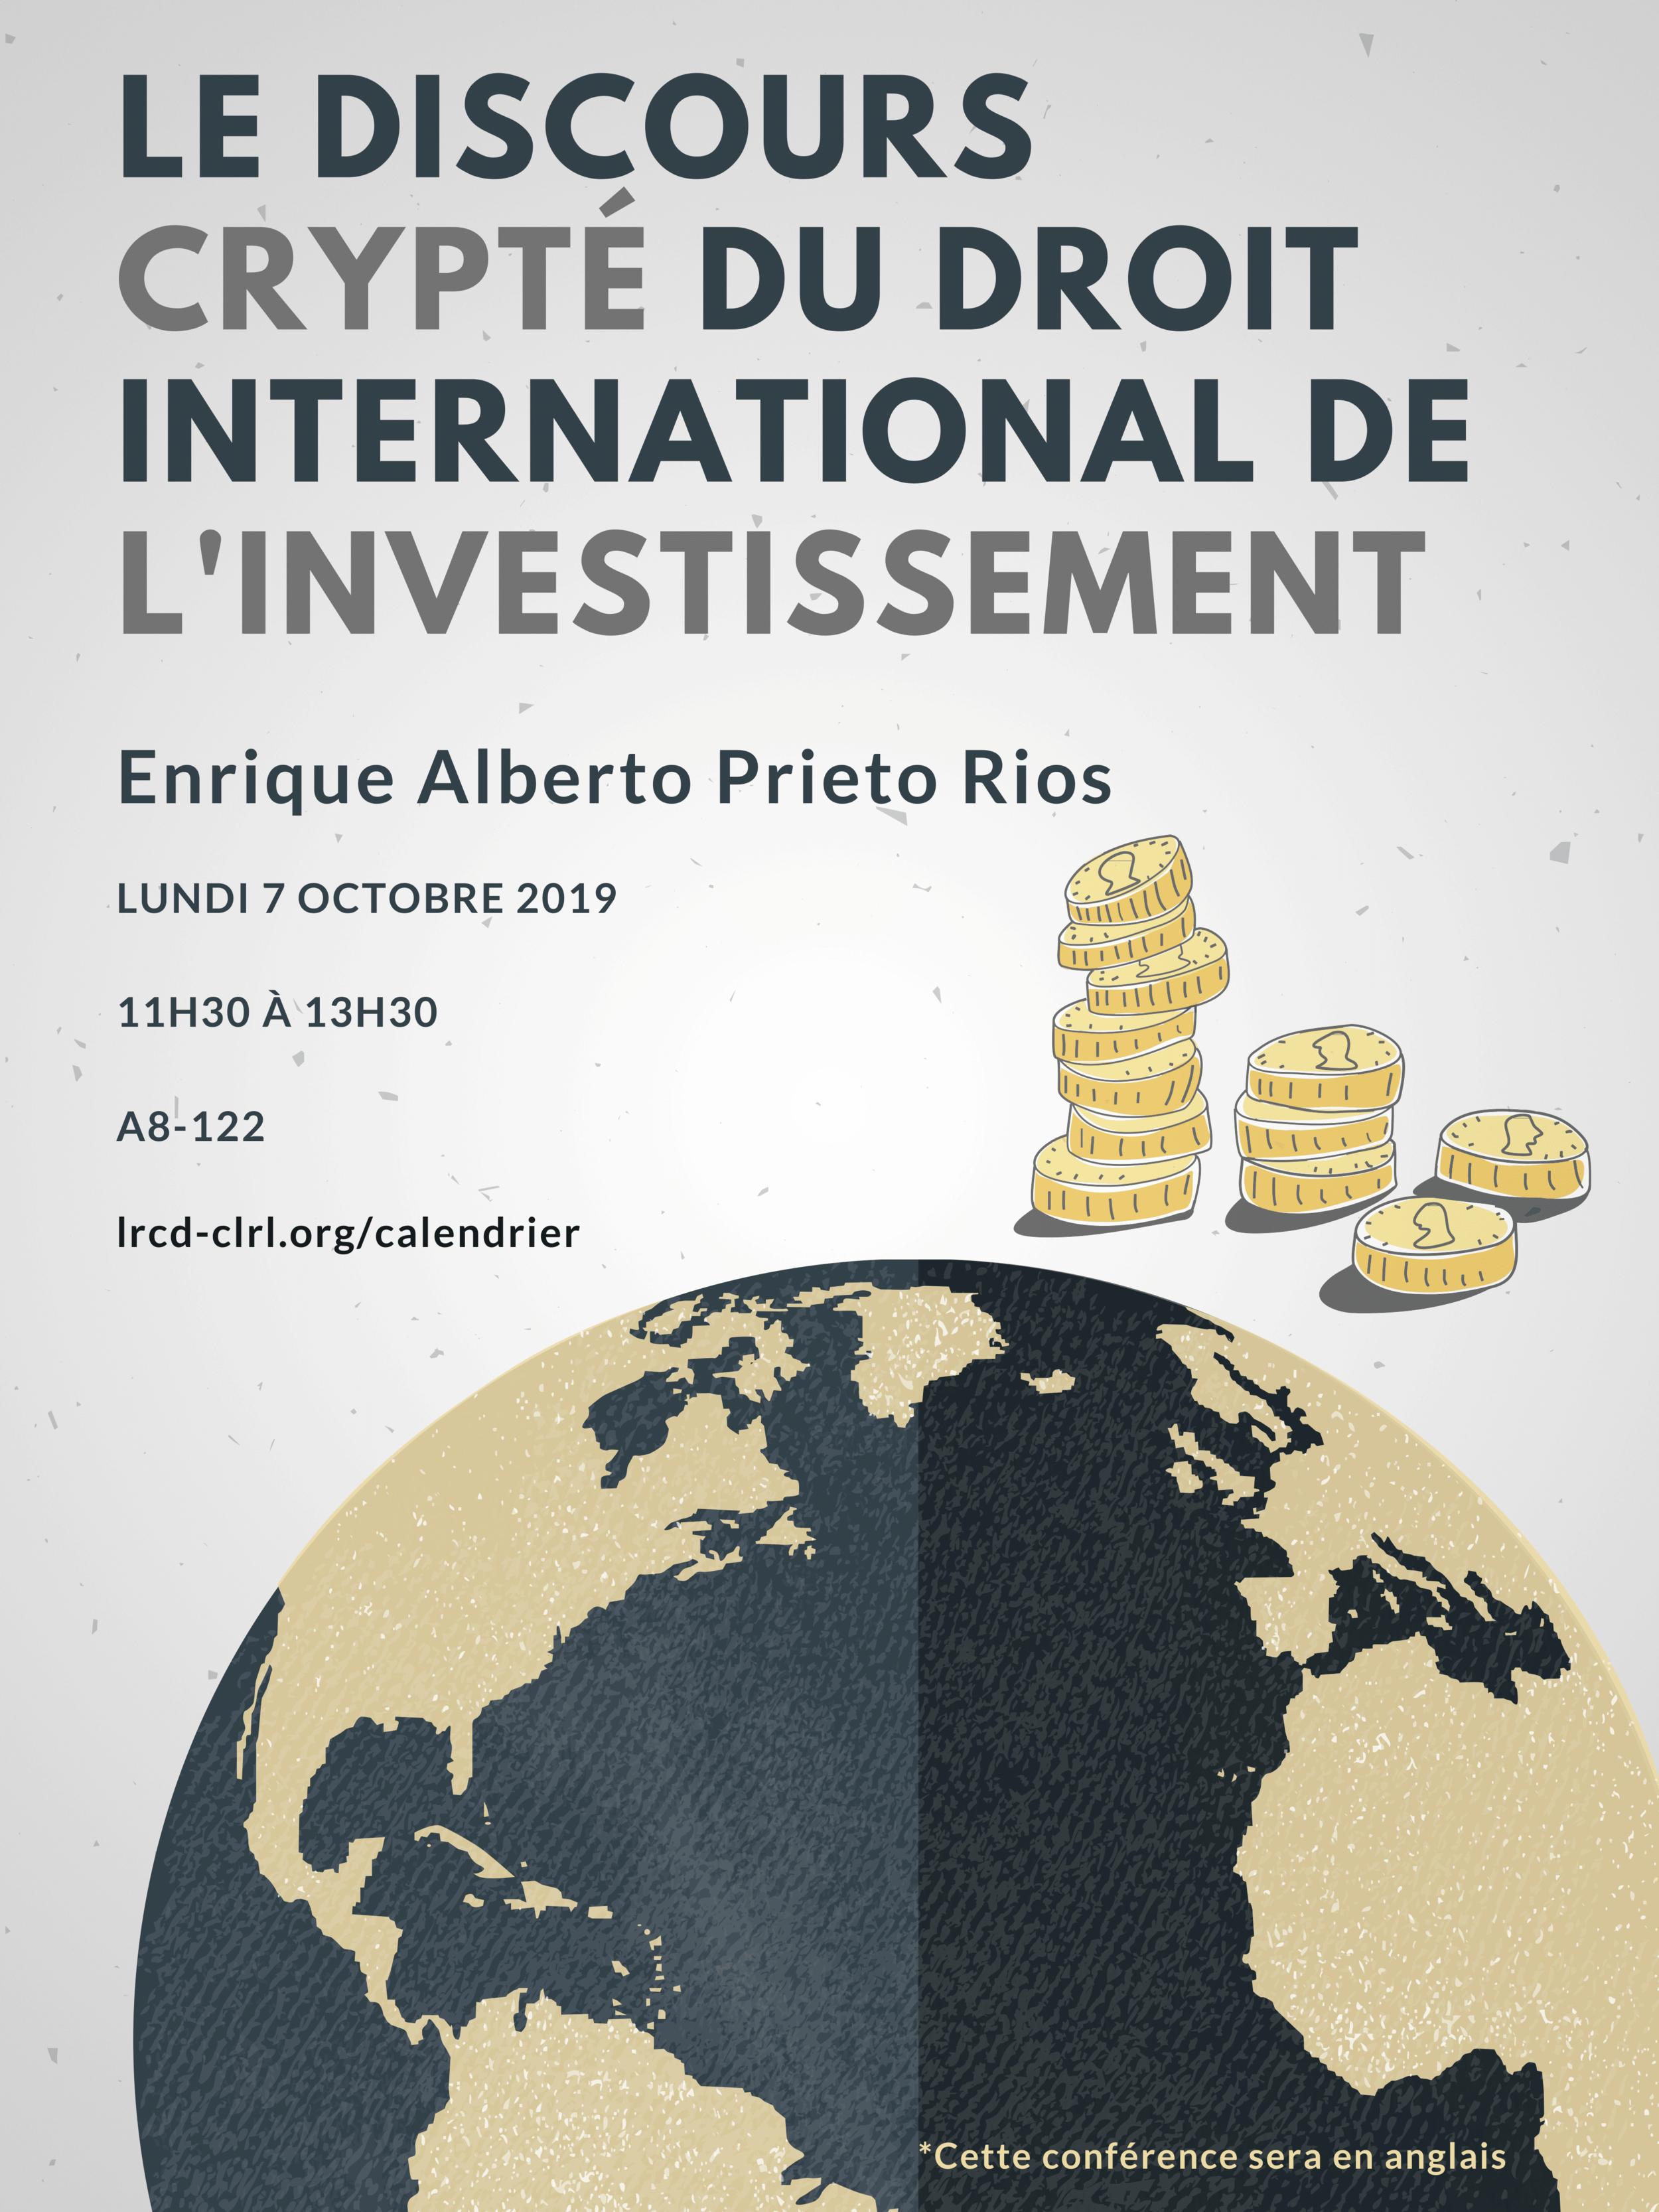 Le discours crypté du droit international de l'investissement AFFICHE-2-1.png